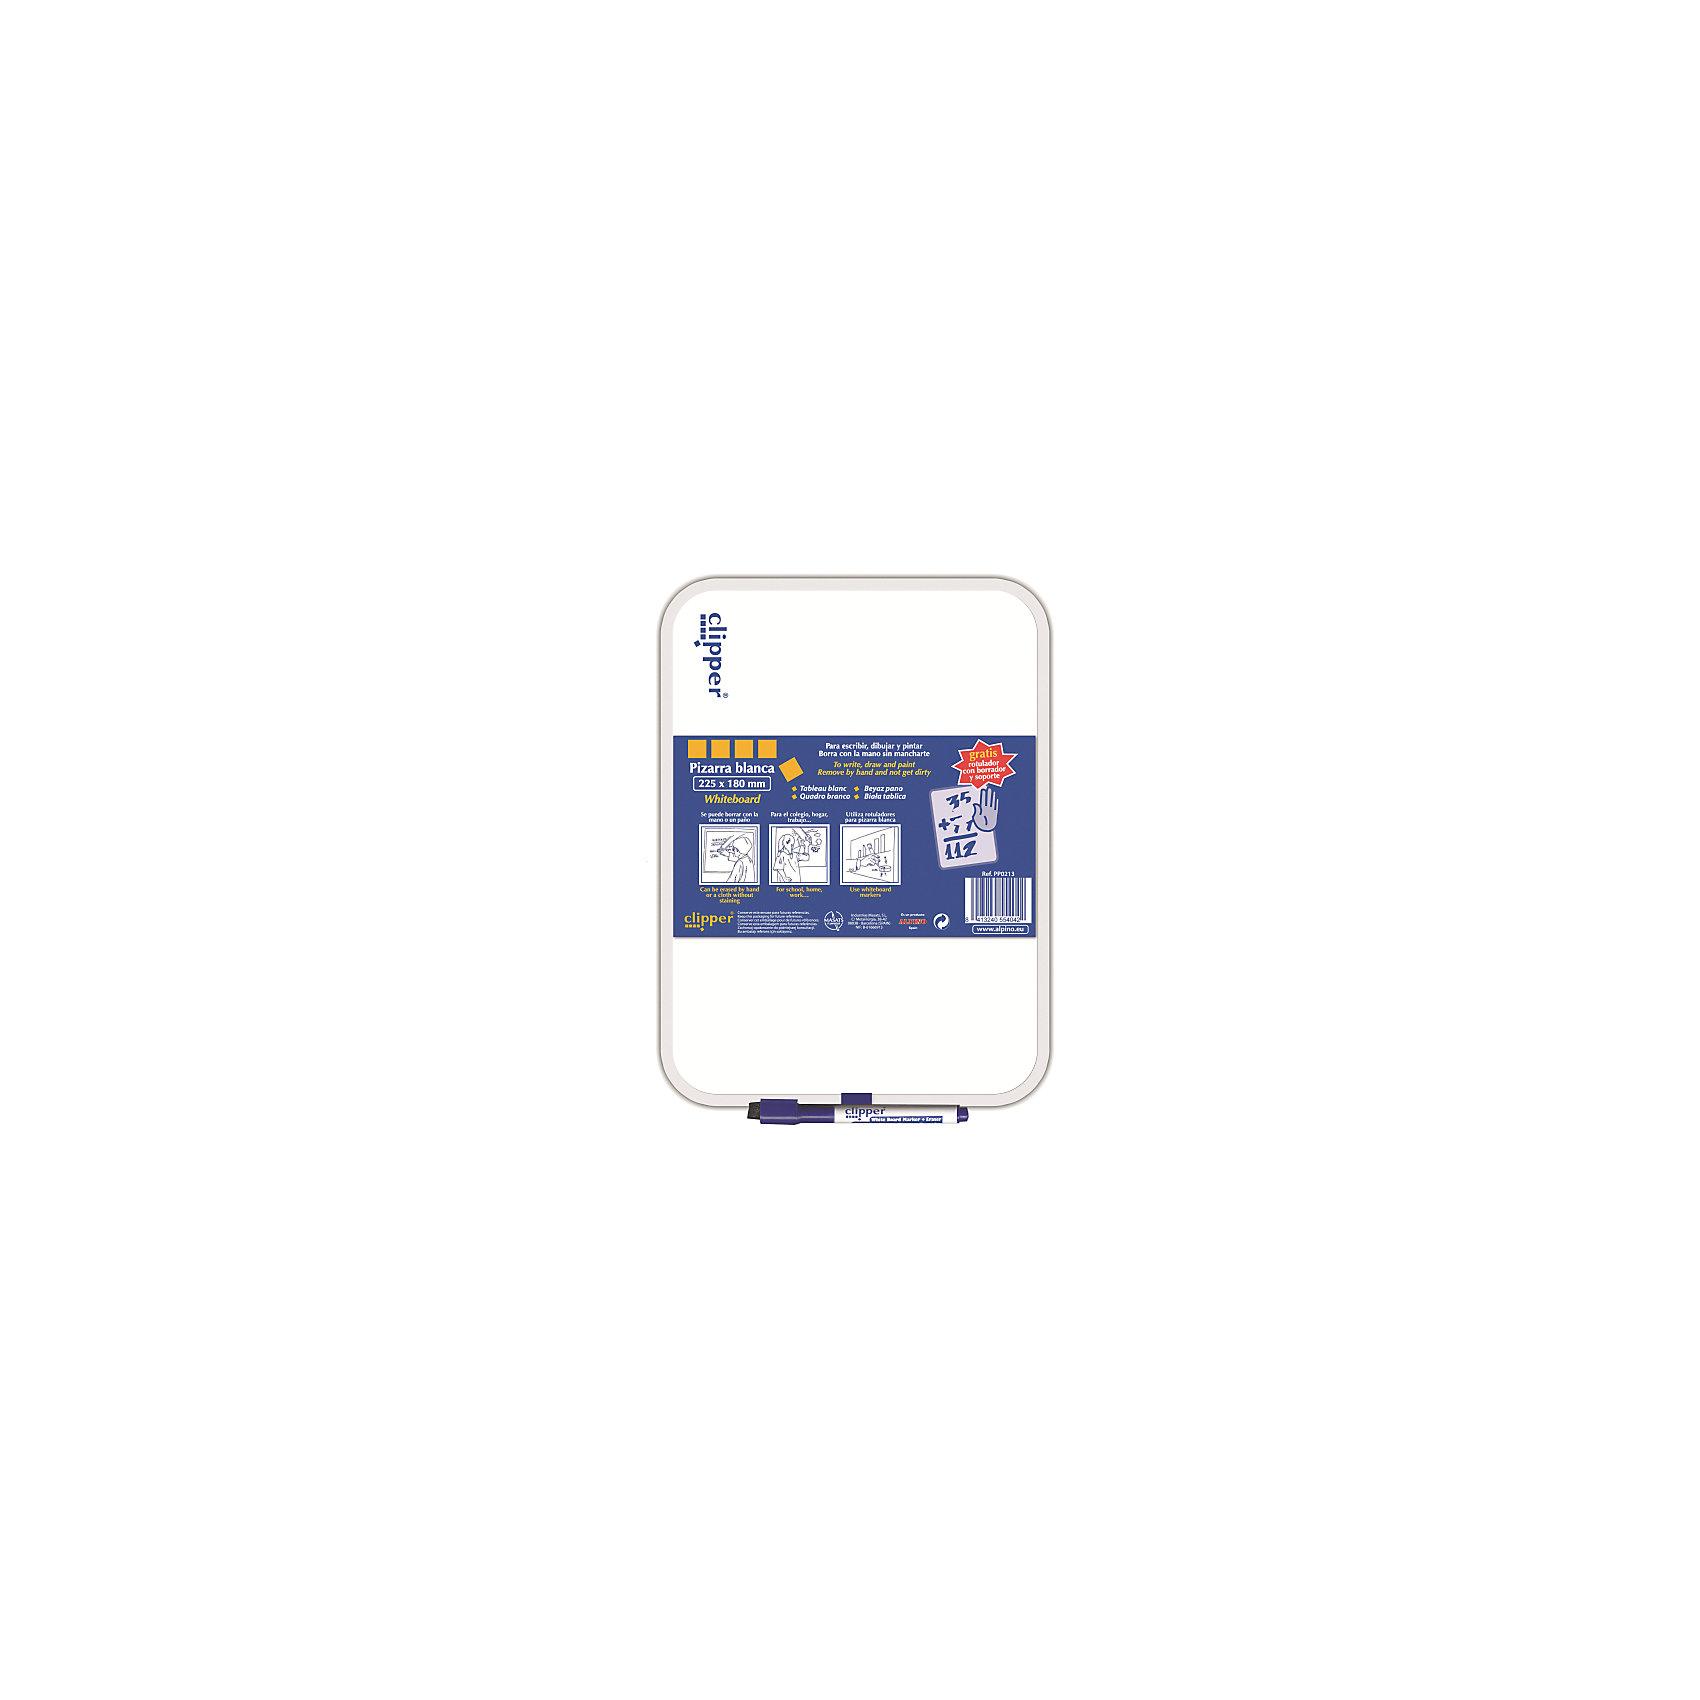 Маркерная доска, цвет белый, 25.5 * 18 см, 1 шт + маркерРисование<br>Комплект: доска ,маркер и губка в колпачке<br>Изготовлена из нетоксичных материалов, основа ПВХ<br>Предназначена для ежедневных записей<br>Упаковка с европетлей<br>Производитель: ALPINO (Испания)<br><br>Ширина мм: 185<br>Глубина мм: 10<br>Высота мм: 265<br>Вес г: 135<br>Возраст от месяцев: 36<br>Возраст до месяцев: 120<br>Пол: Унисекс<br>Возраст: Детский<br>SKU: 5389787